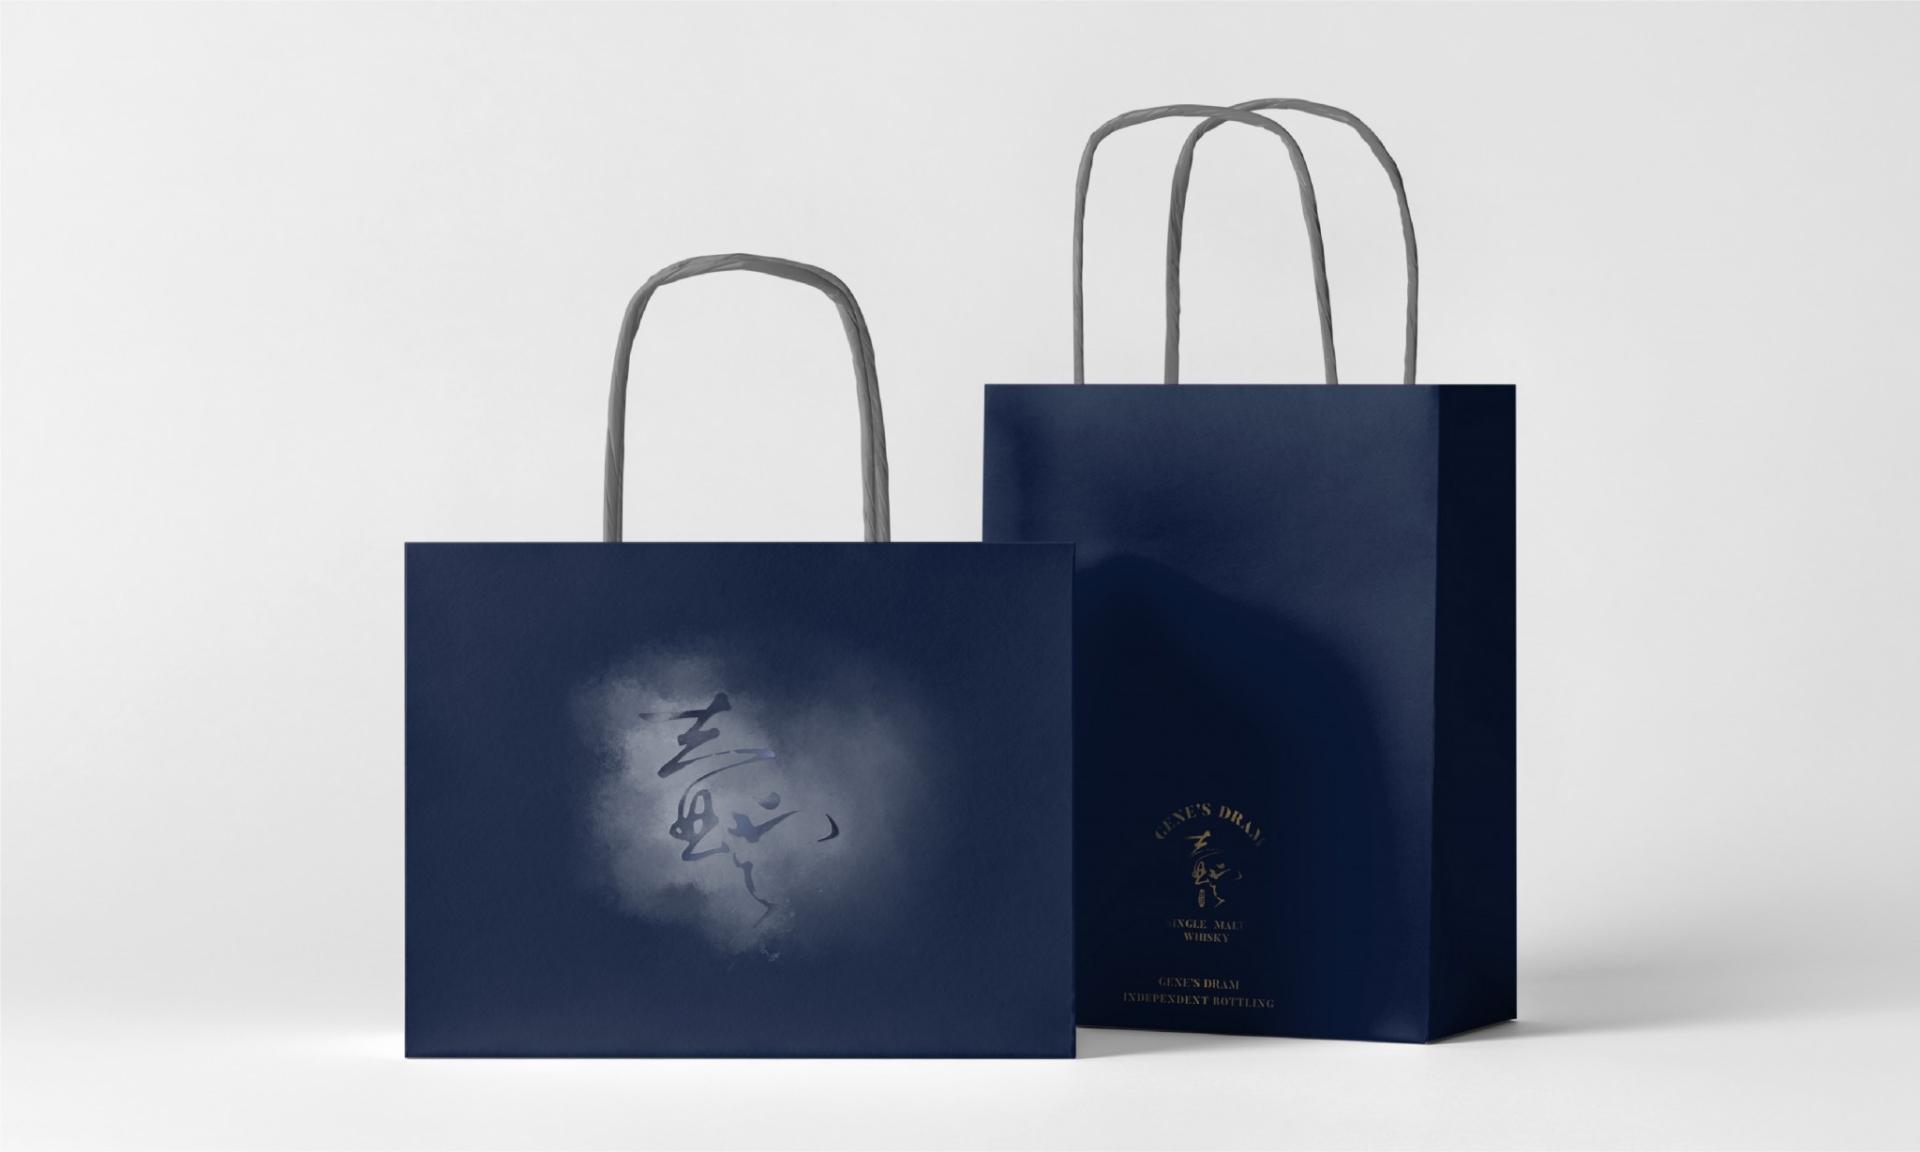 壶云酒标-03